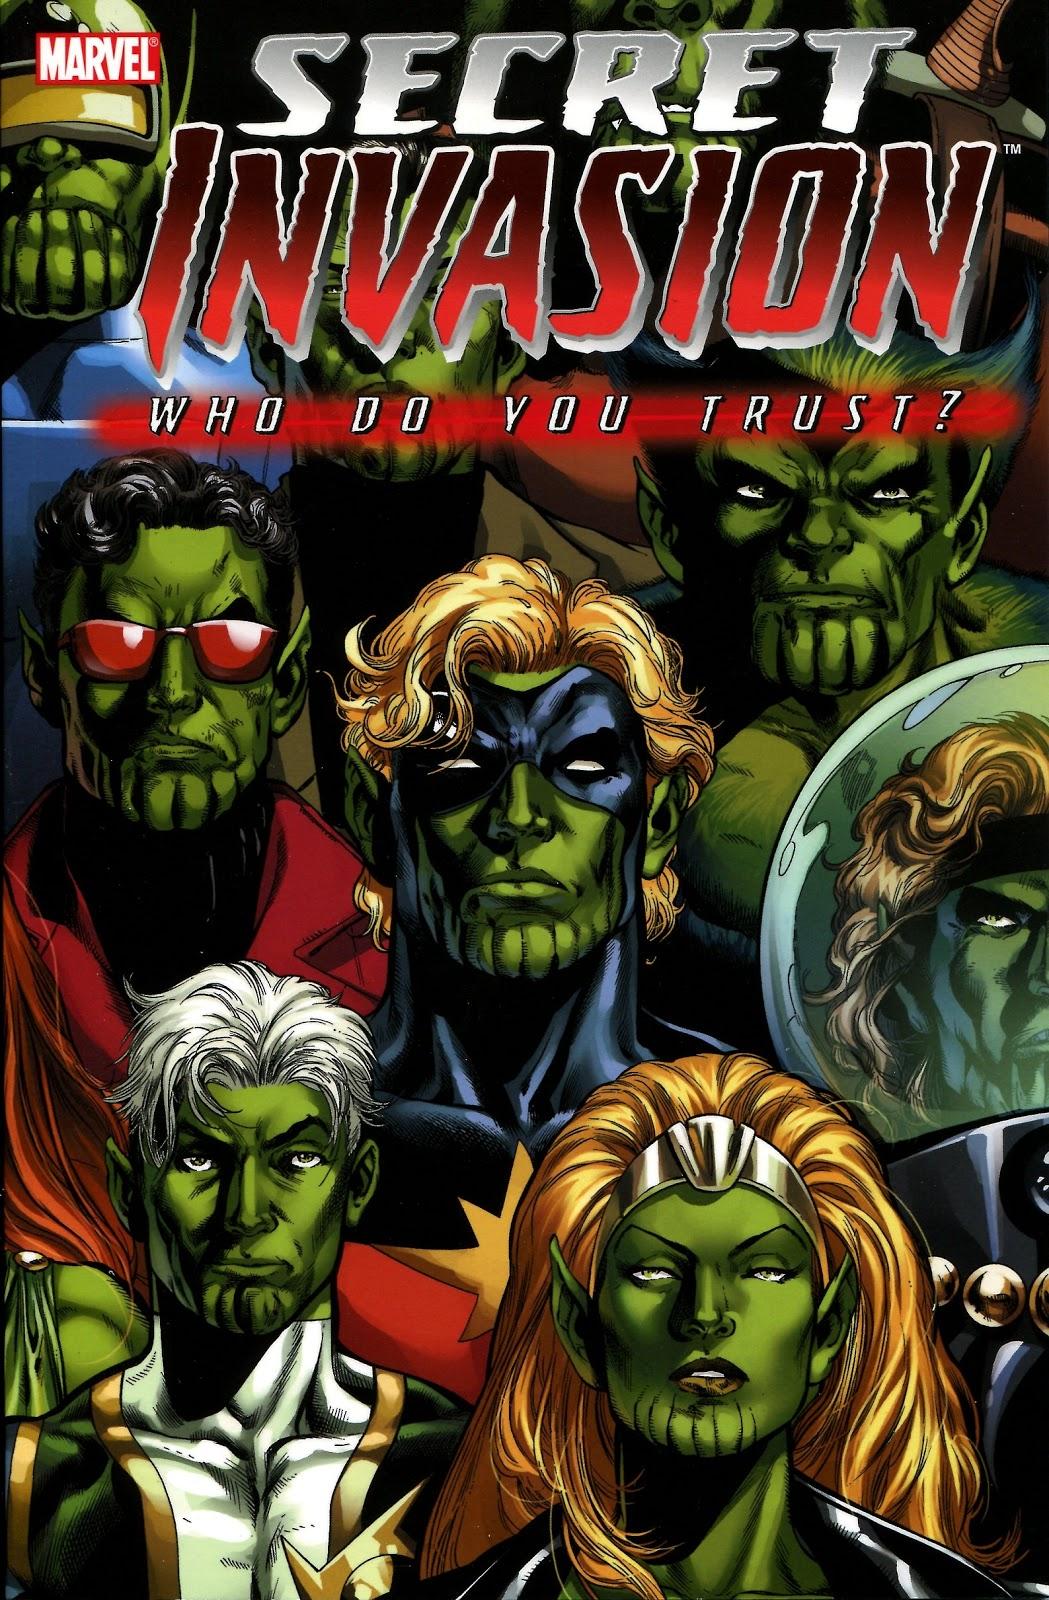 http://2.bp.blogspot.com/-E3ZX6rs552g/UI3_XFKPOcI/AAAAAAAAH7M/6nTbHlrRA3Q/s1600/Secret+Invasion-+Who+Do+You+Trust005.jpg